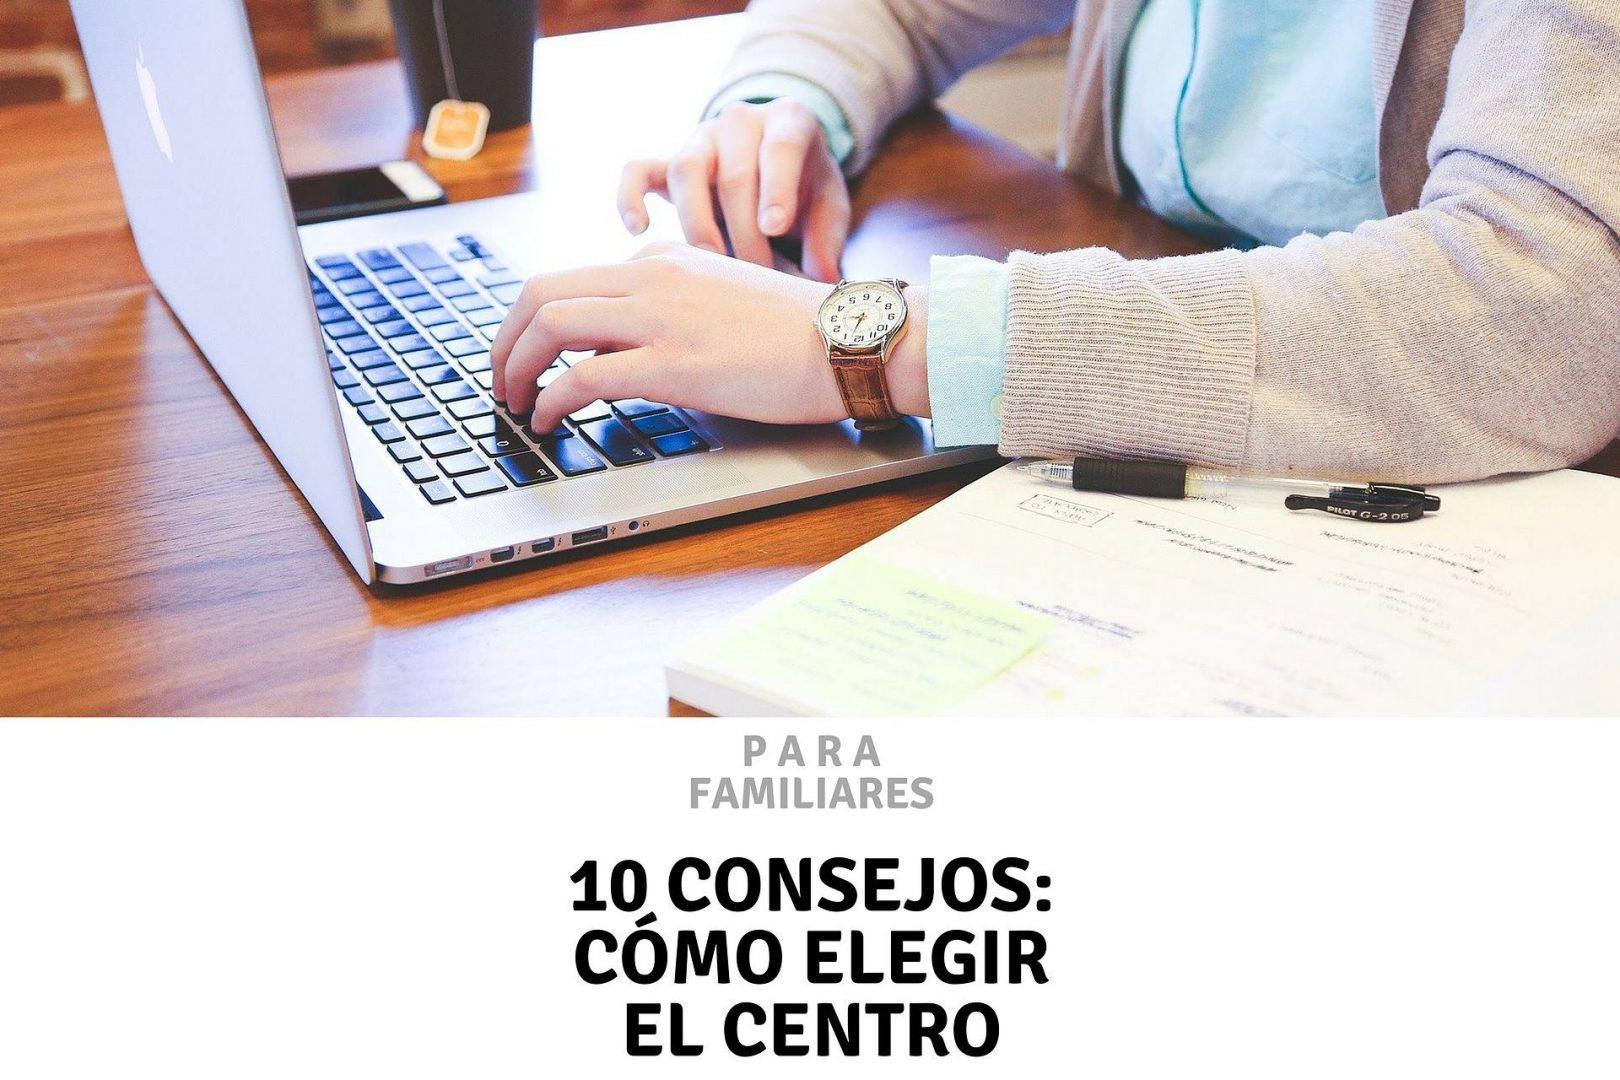 Cómo elegir un centro para mayores: 10 consejos